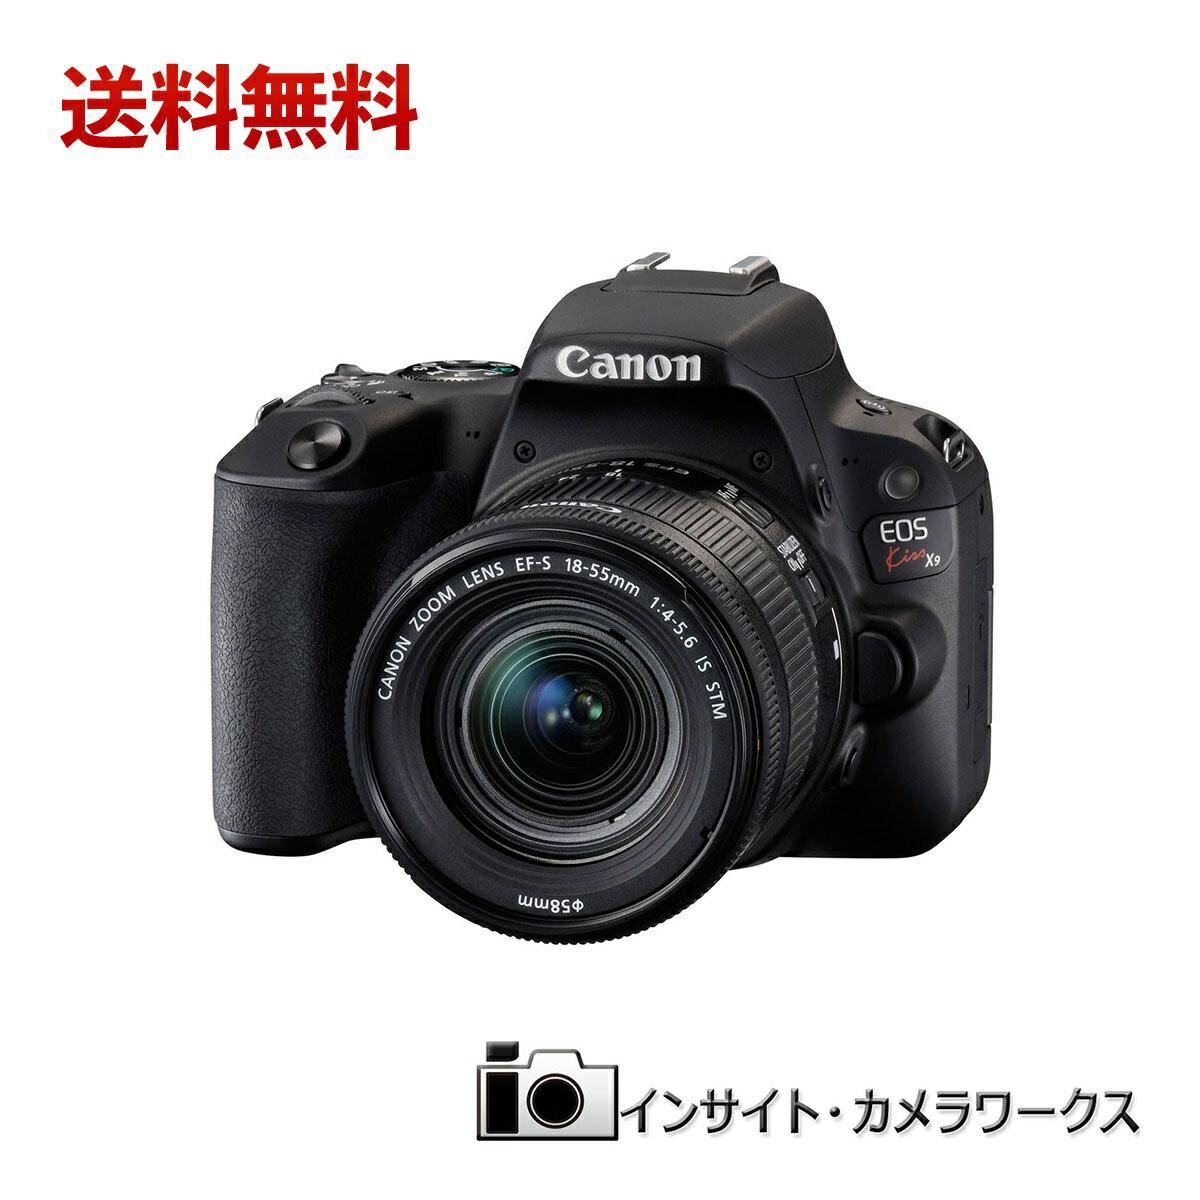 デジタルカメラ, デジタル一眼レフカメラ Canon EOS KISS X9 EF-S18-55 IS STM